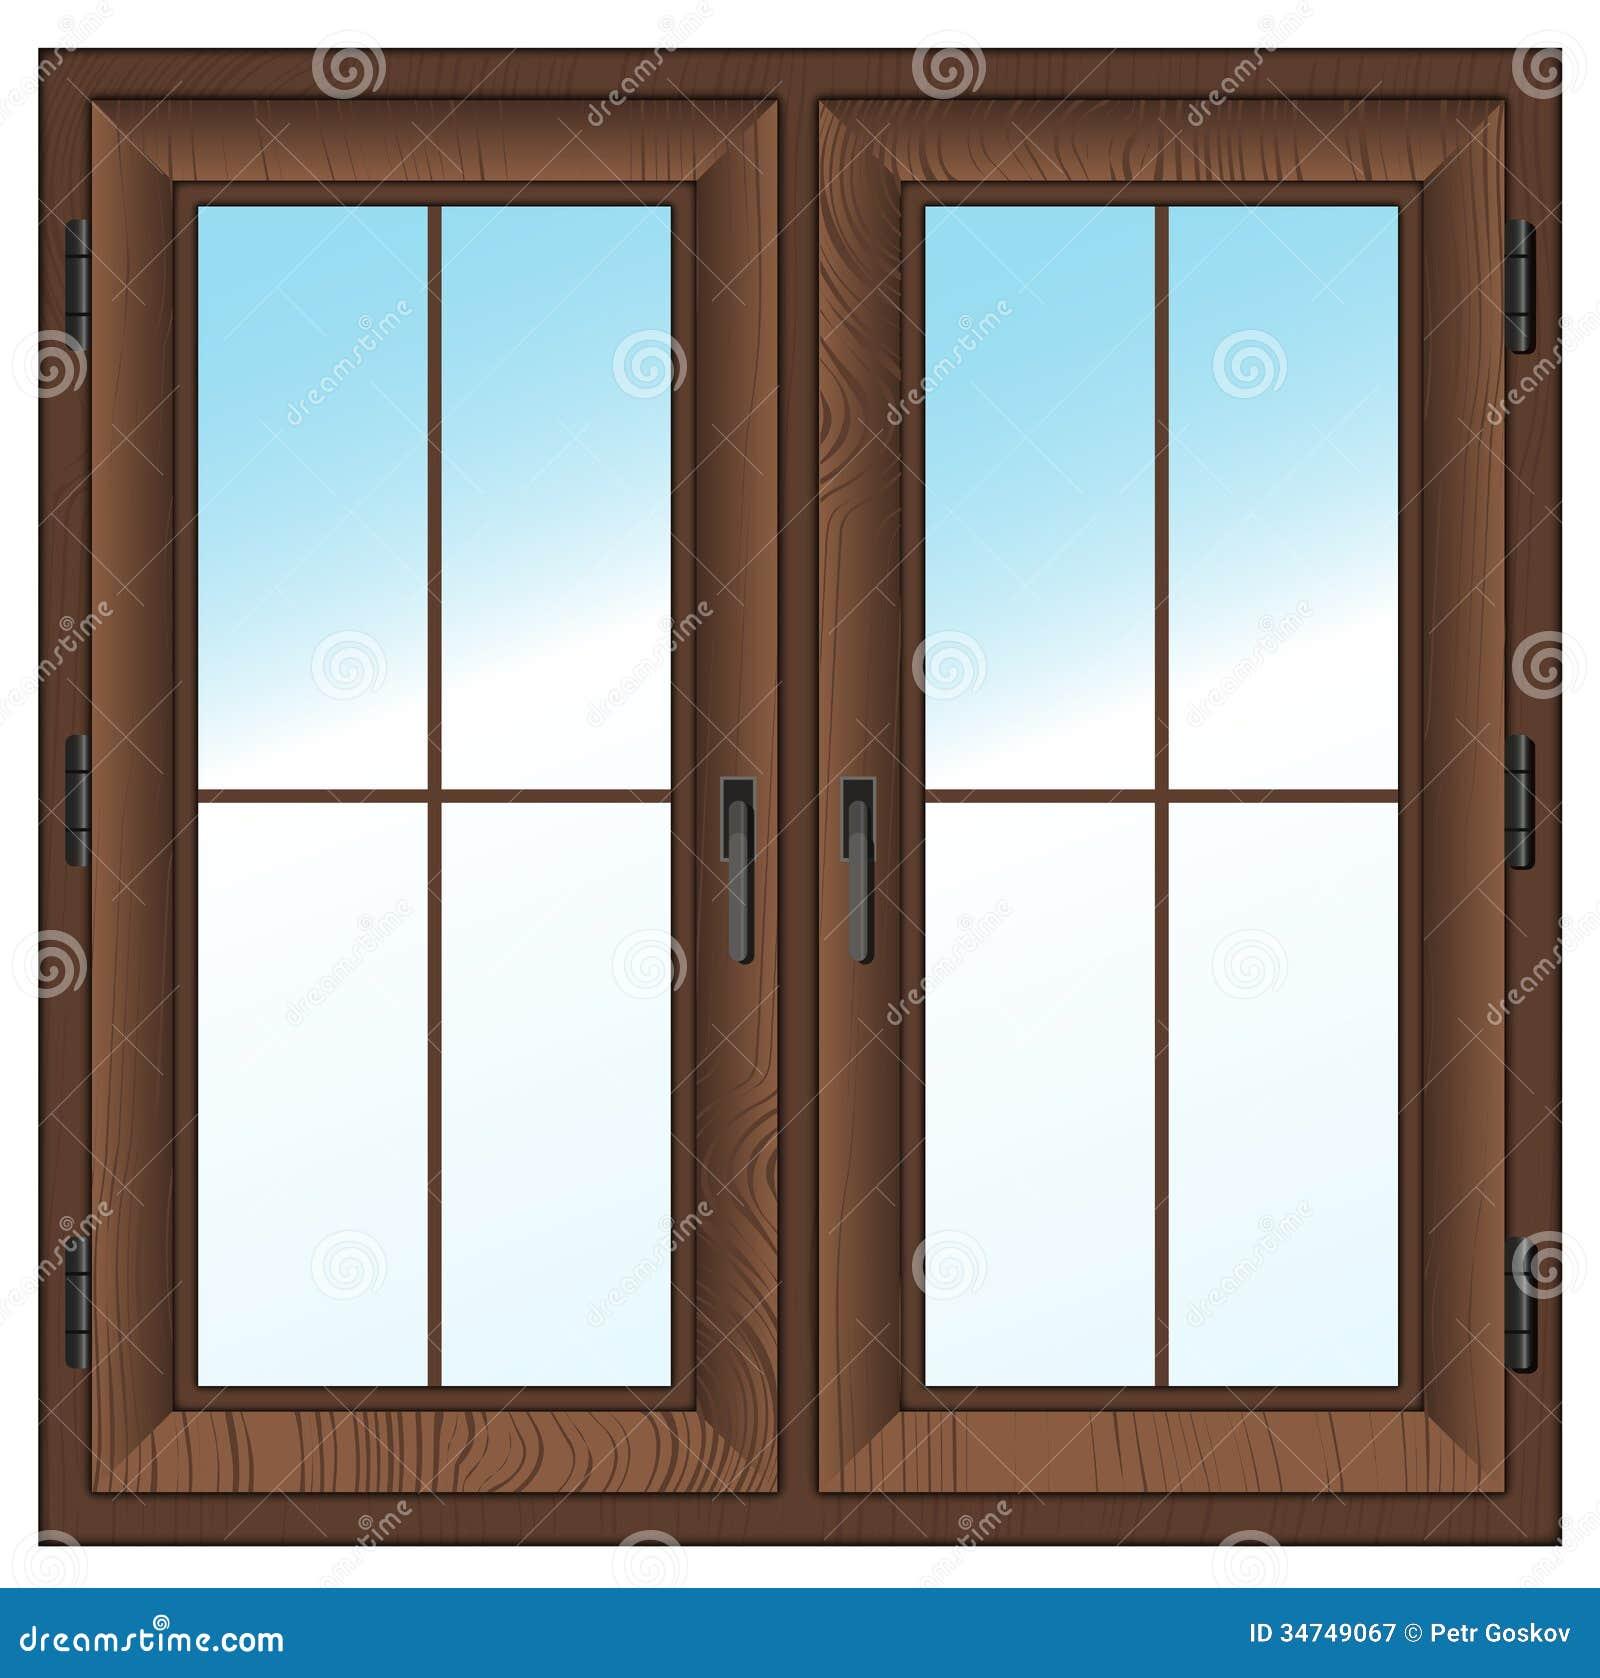 Ventana cerrada texturizada de madera aislada en blanco. Ejemplo del ...